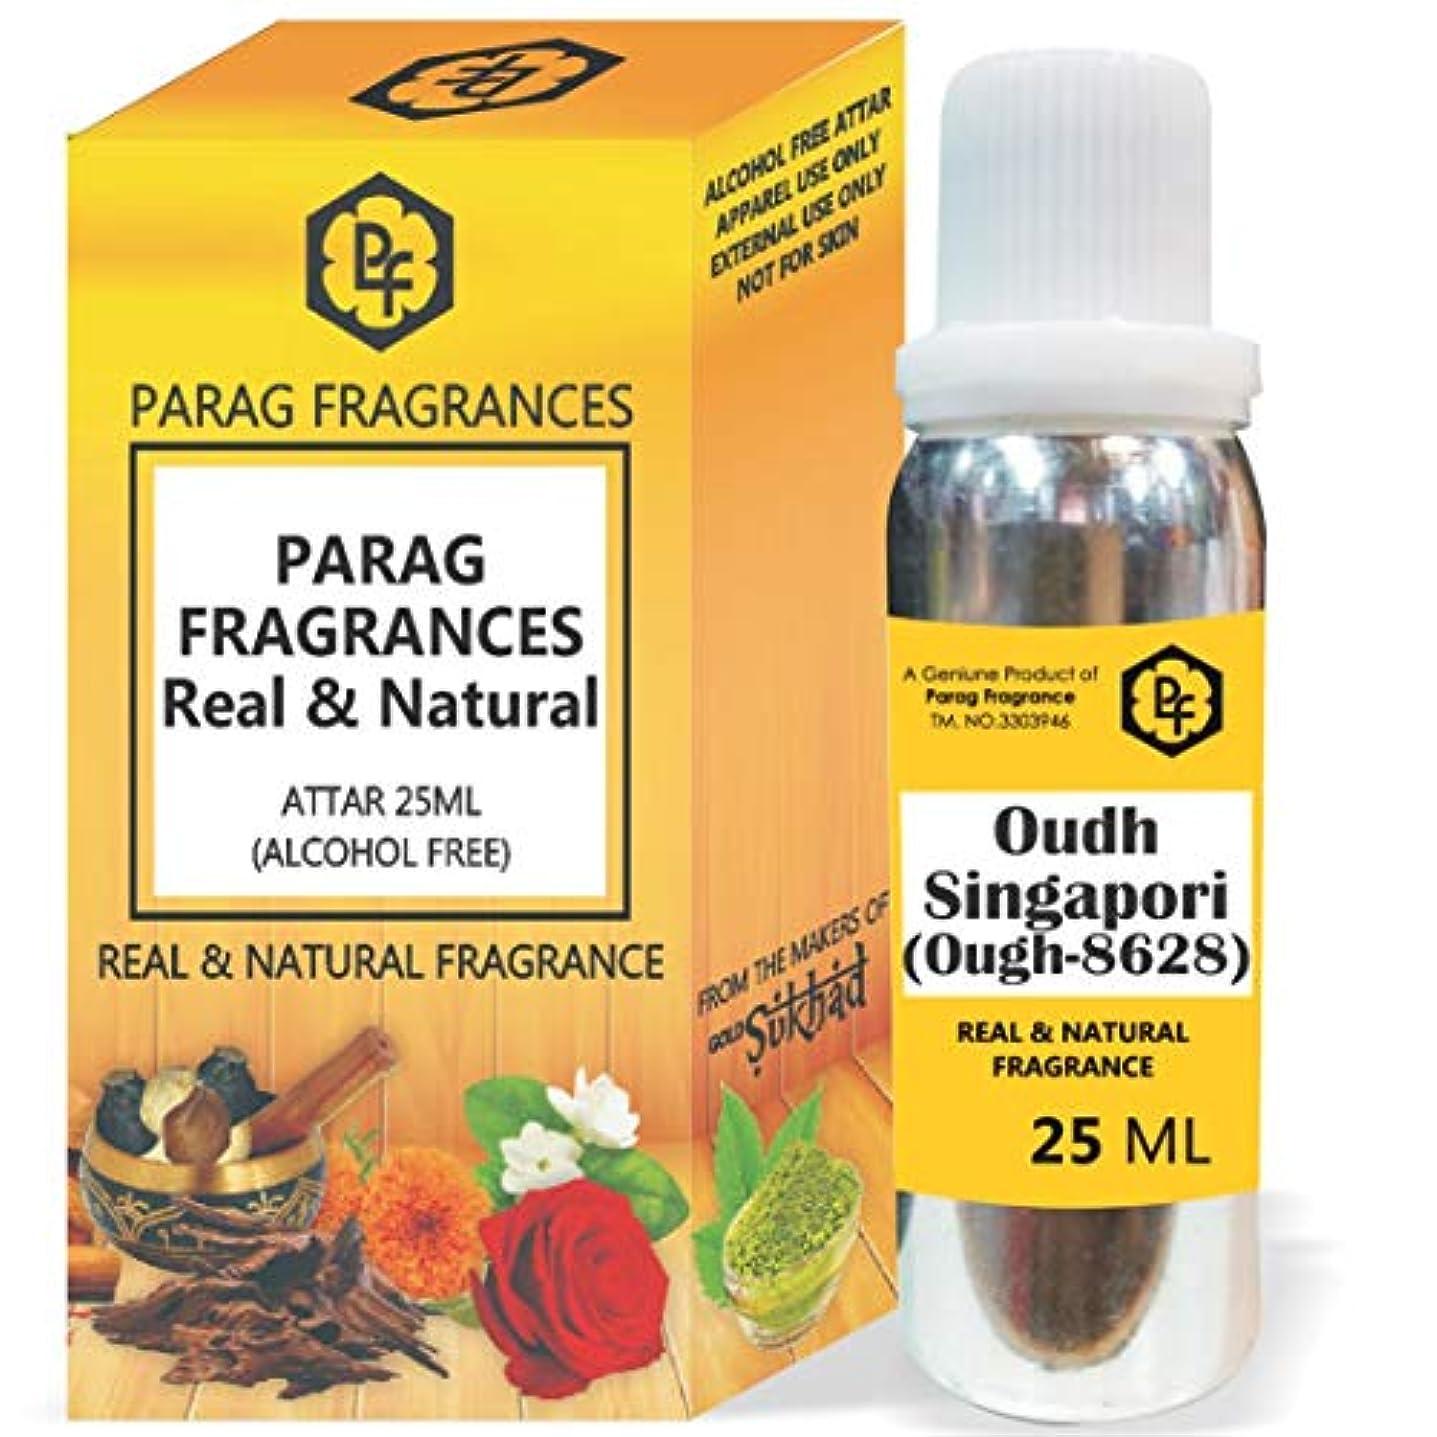 前提敗北おしゃれなファンシー空き瓶でParagフレグランス25ミリリットルOudh Singapori(Ough-8628)アター(長持ちアルコールフリー、ナチュラルアター)50/100/200/500パックでも利用可能